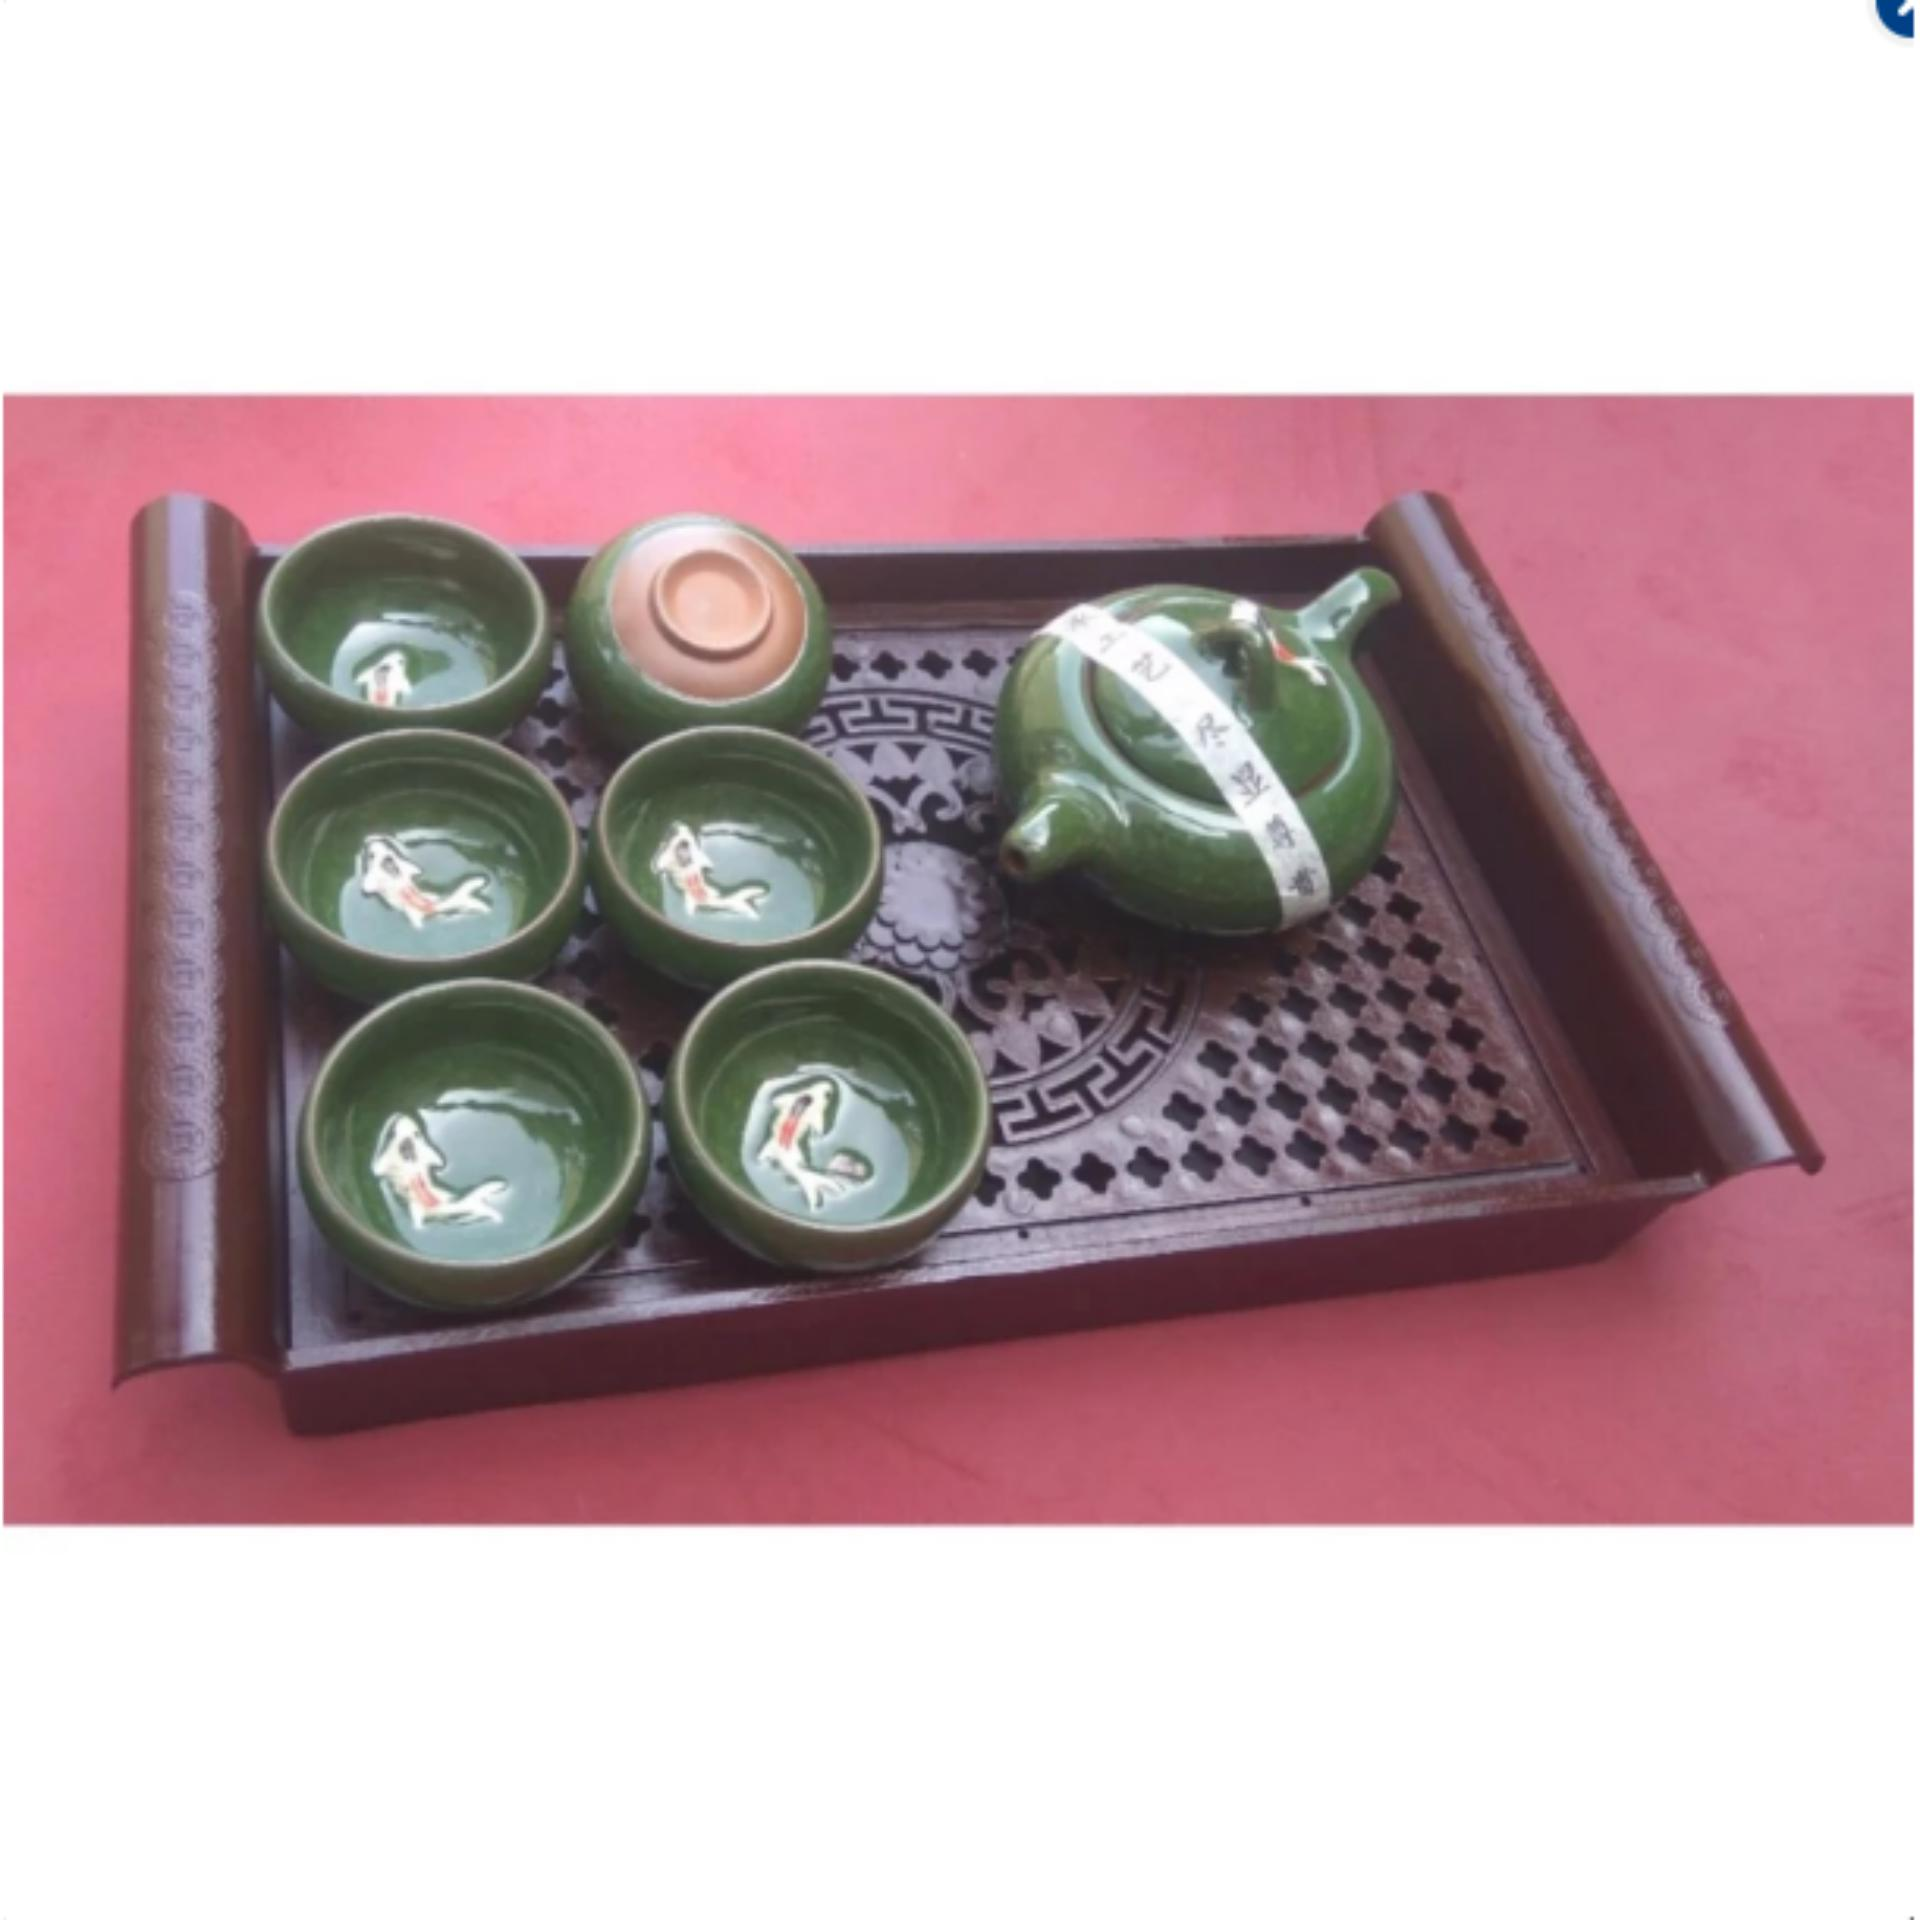 Bộ ấm chén uống trà cá 3D men xanh ngọc + Tặng kèm 01 khay trà giả cổ